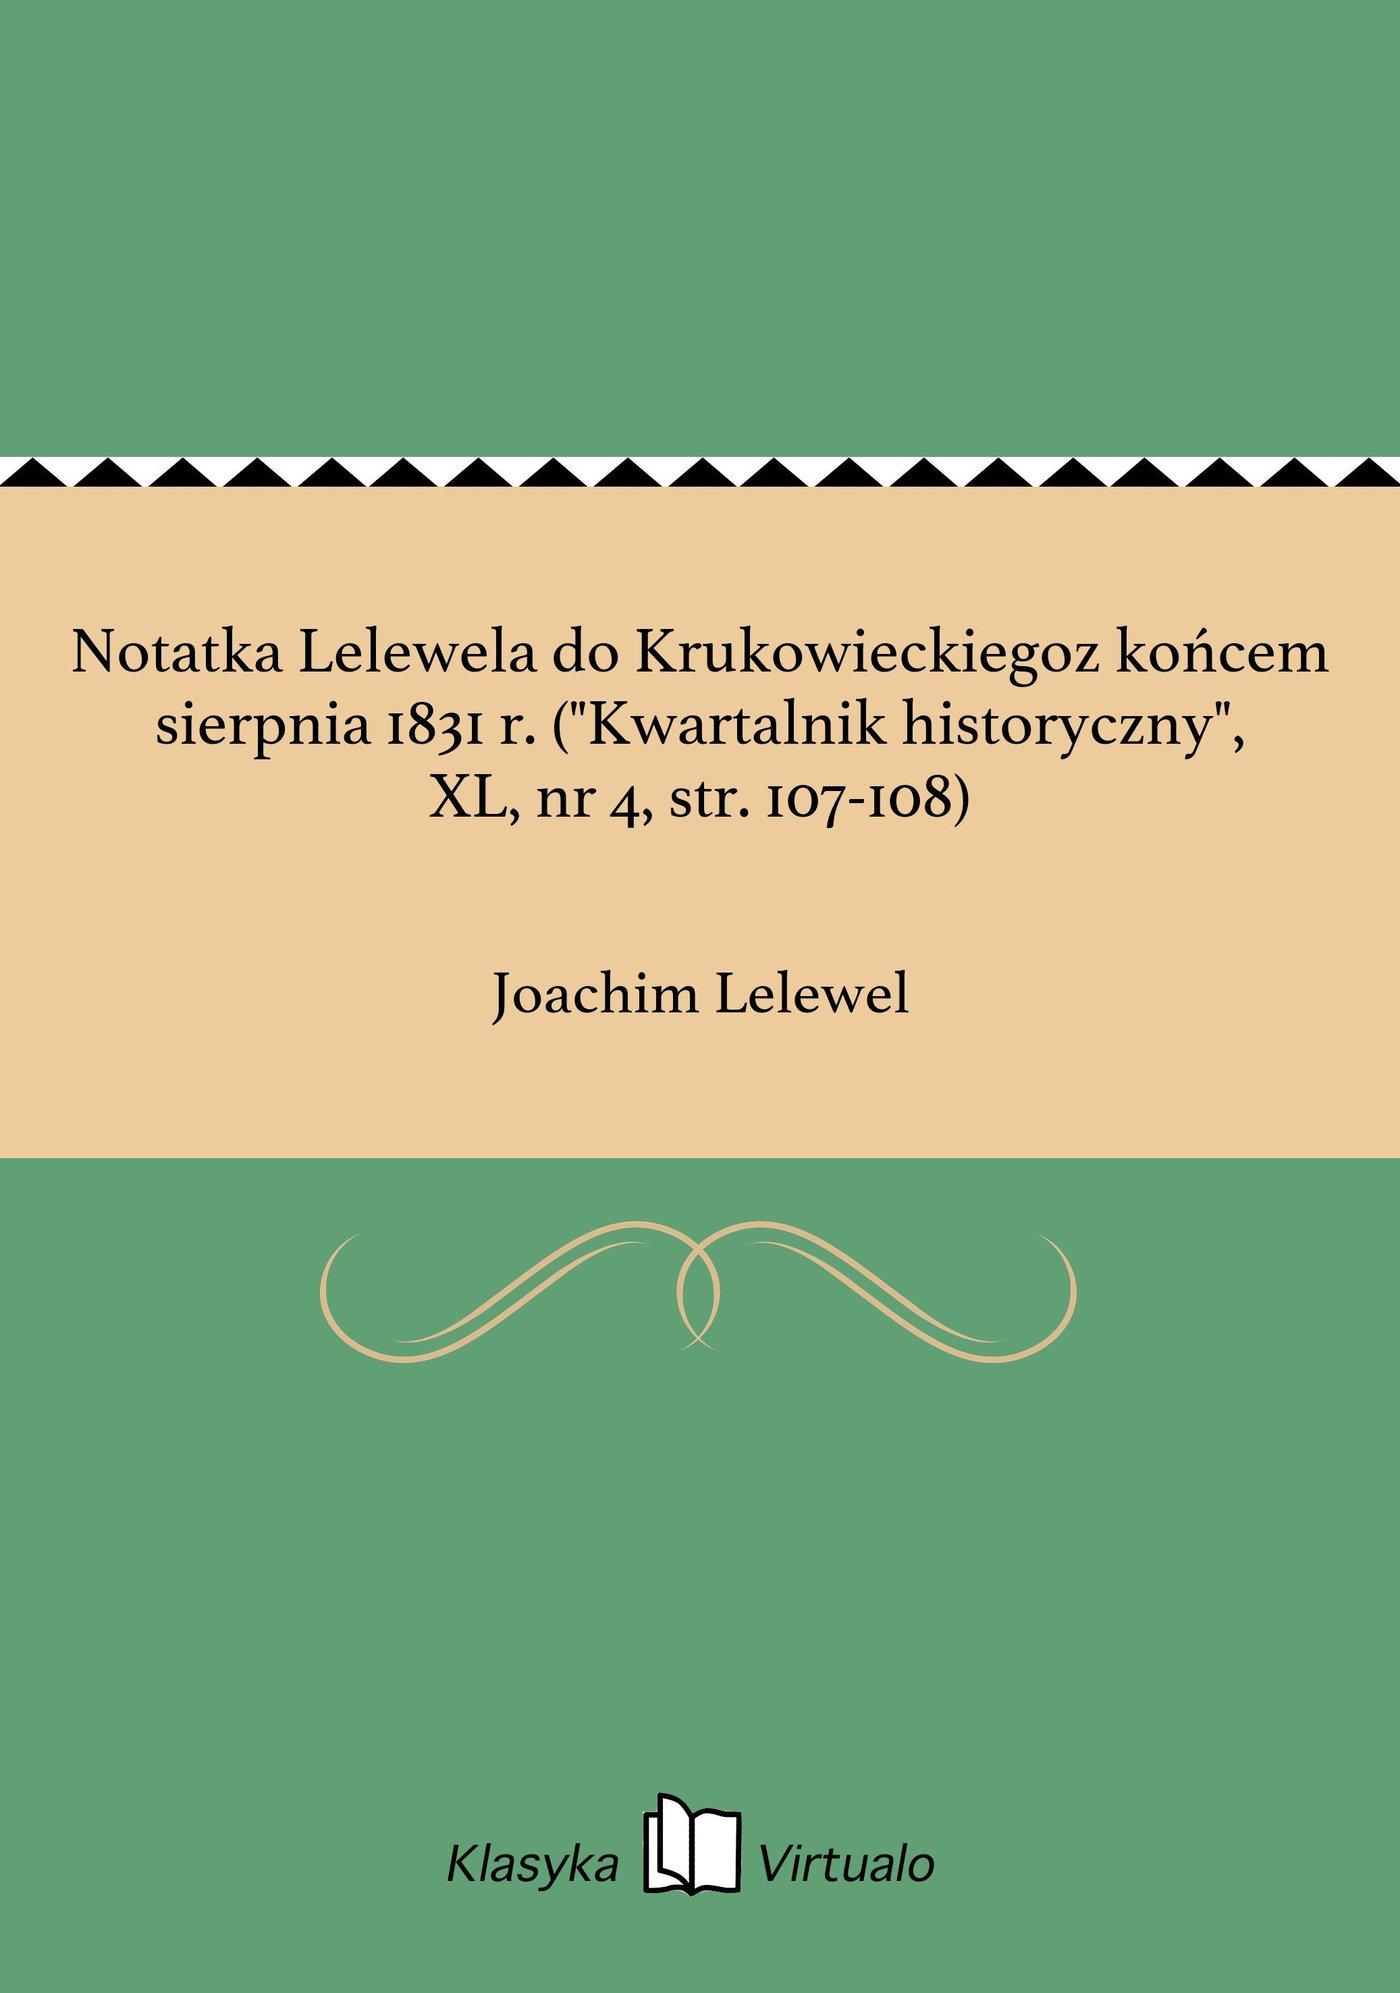 """Notatka Lelewela do Krukowieckiegoz końcem sierpnia 1831 r. (""""Kwartalnik historyczny"""", XL, nr 4, str. 107-108) - Ebook (Książka EPUB) do pobrania w formacie EPUB"""